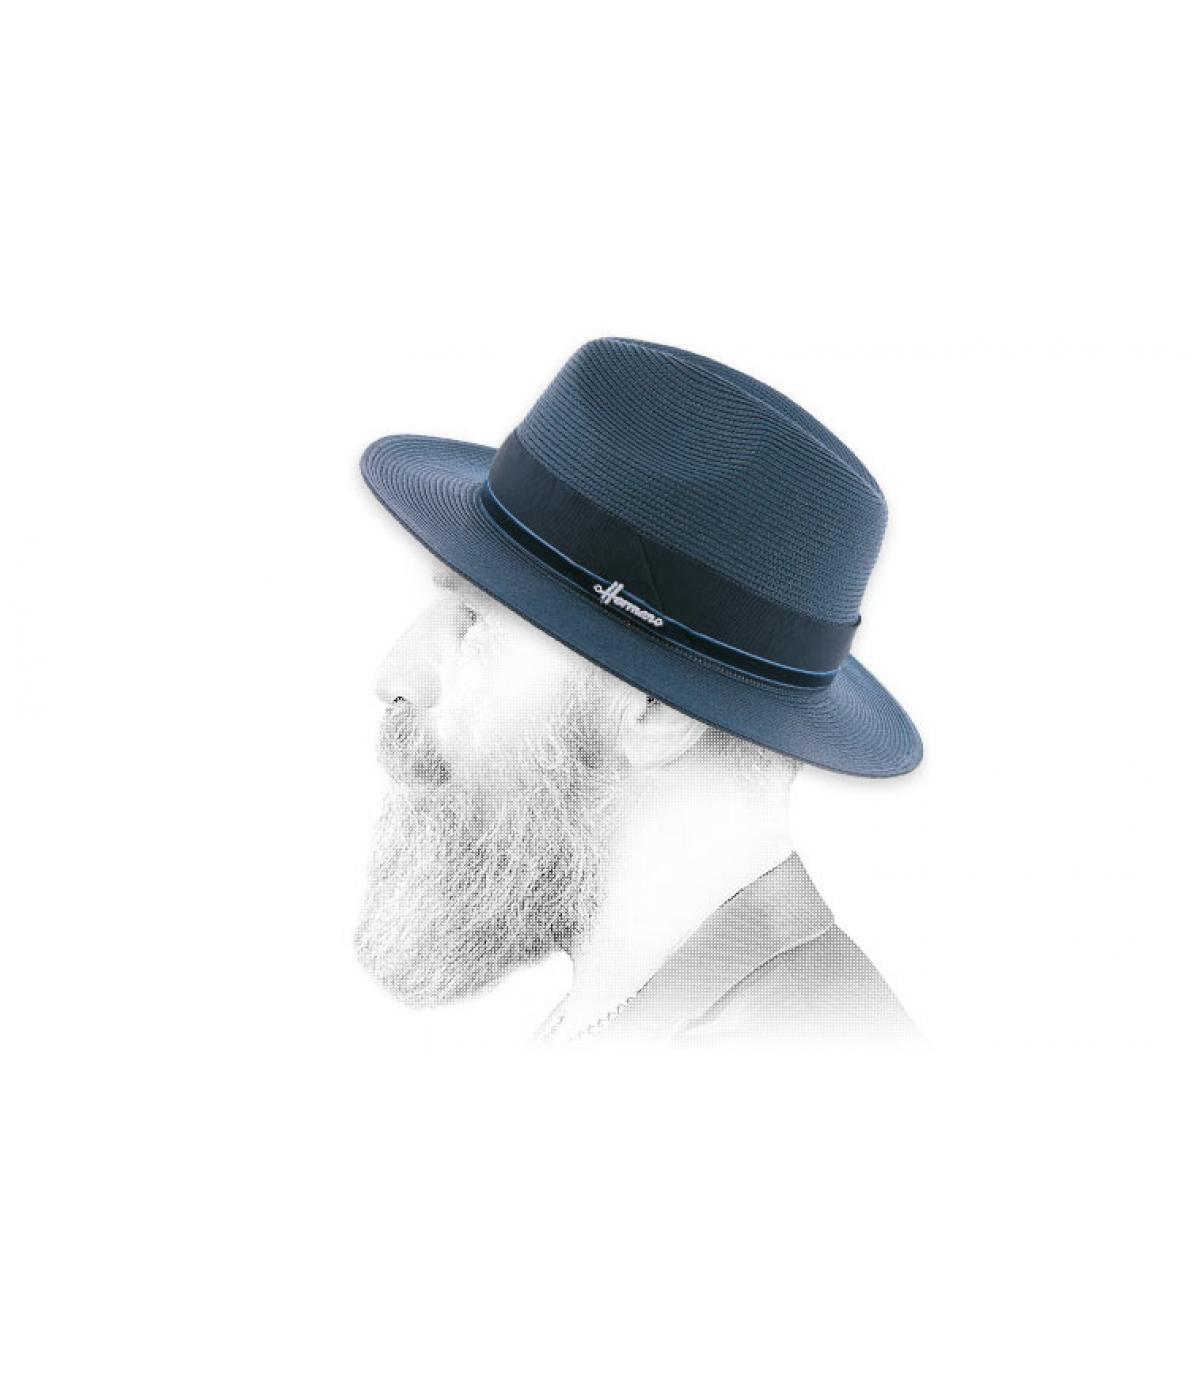 Sombrero paja repelente azul marino